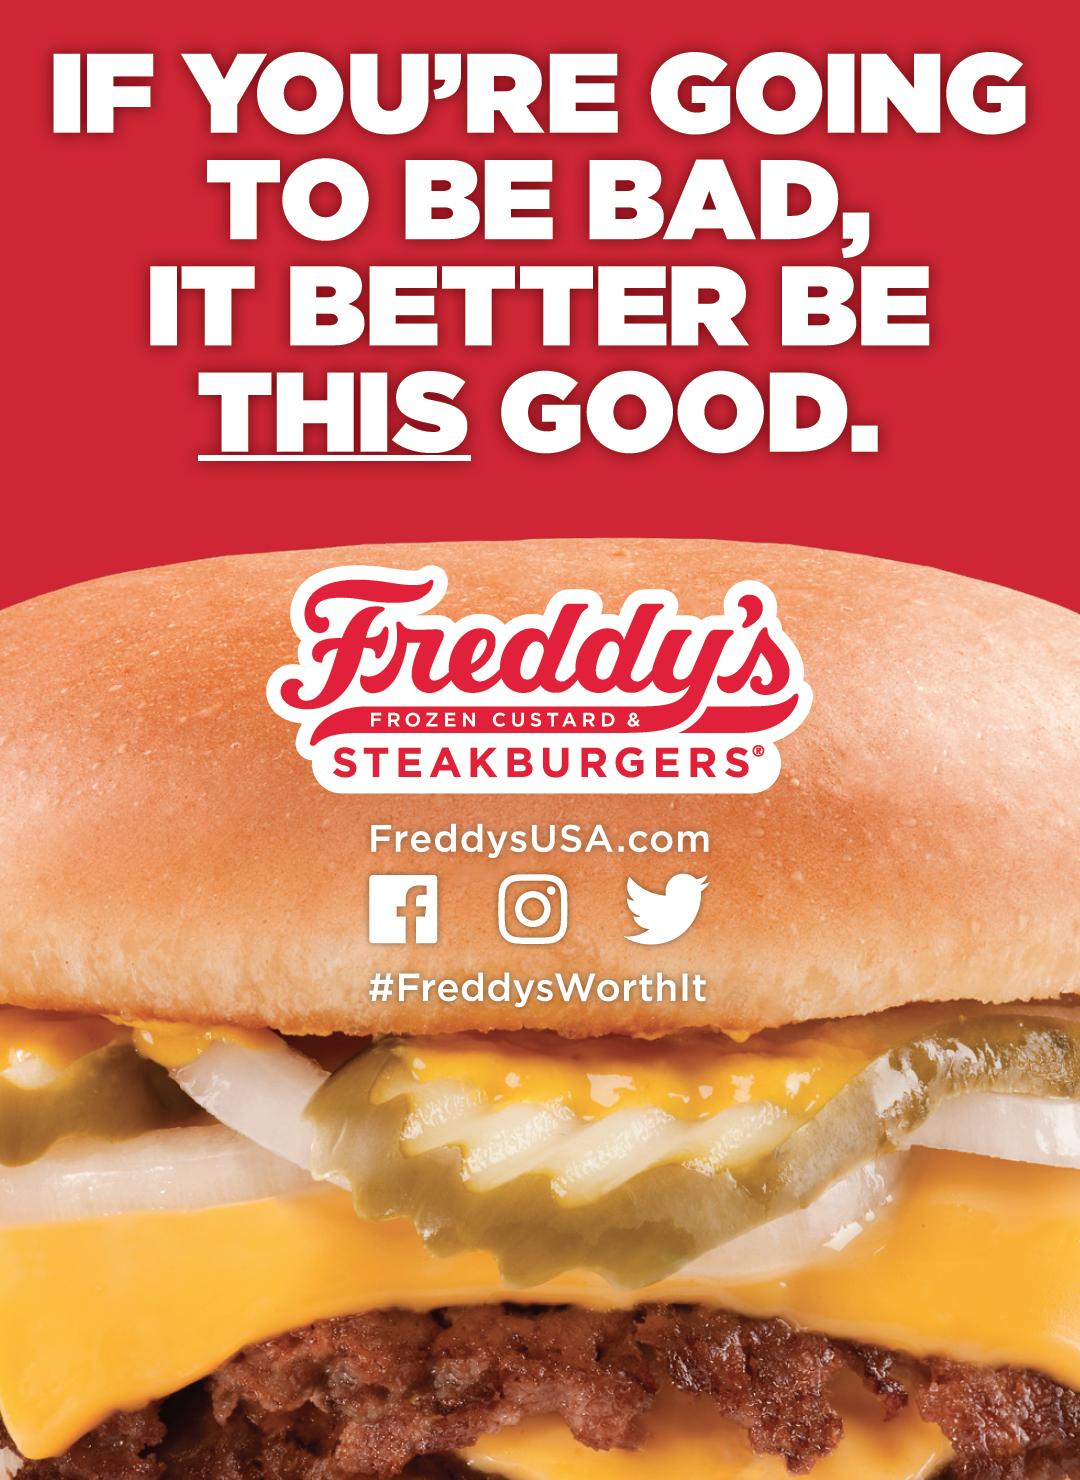 Freddy%27s+%7C+freddysusa.com